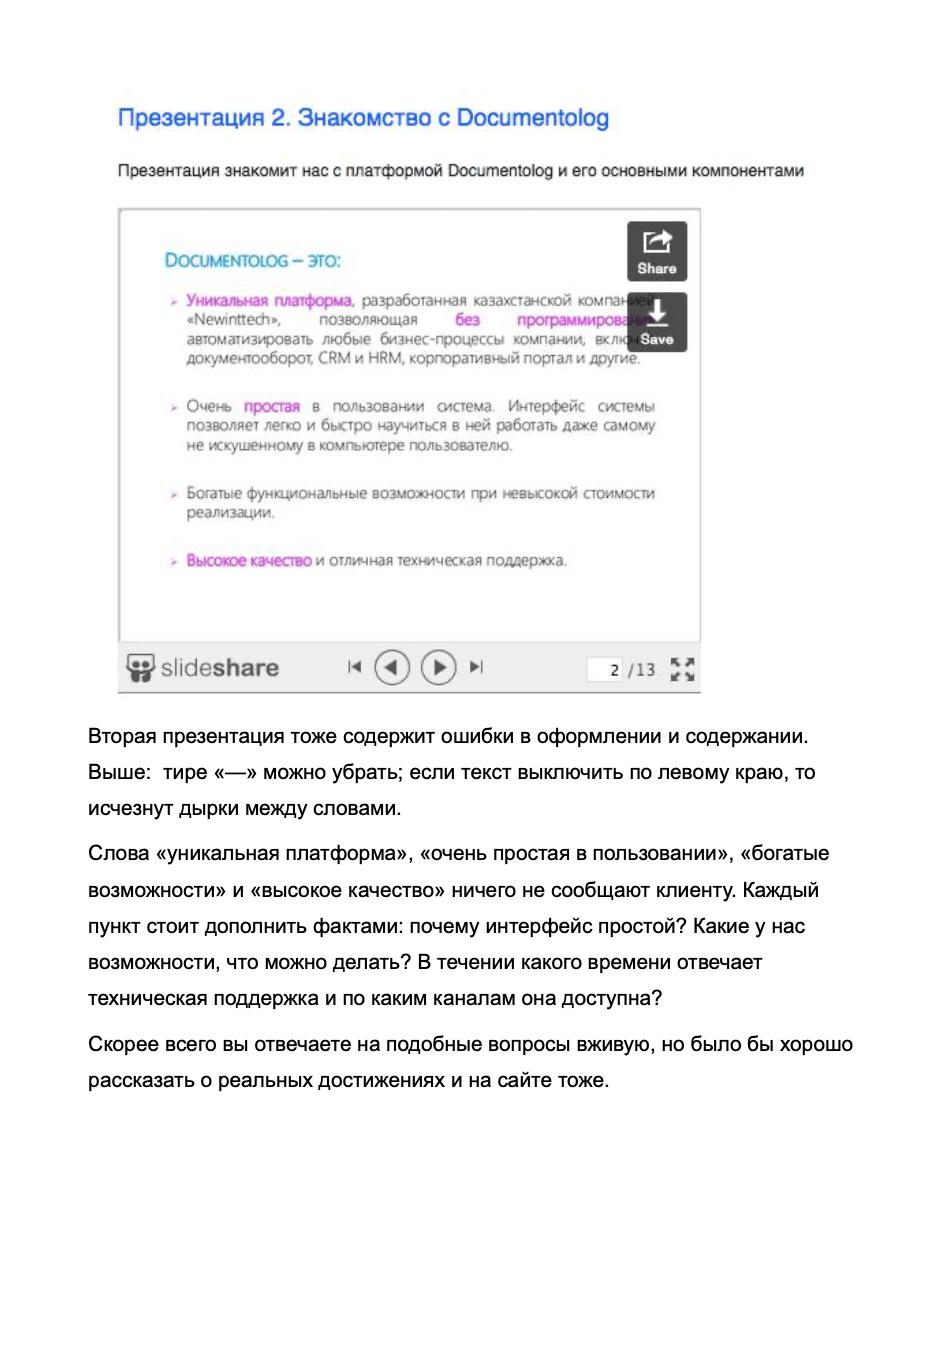 Анализ «Документолога» Сайт Артура Нецветаева — сайты, приложения, прототипы и оформление интерфейсов 10